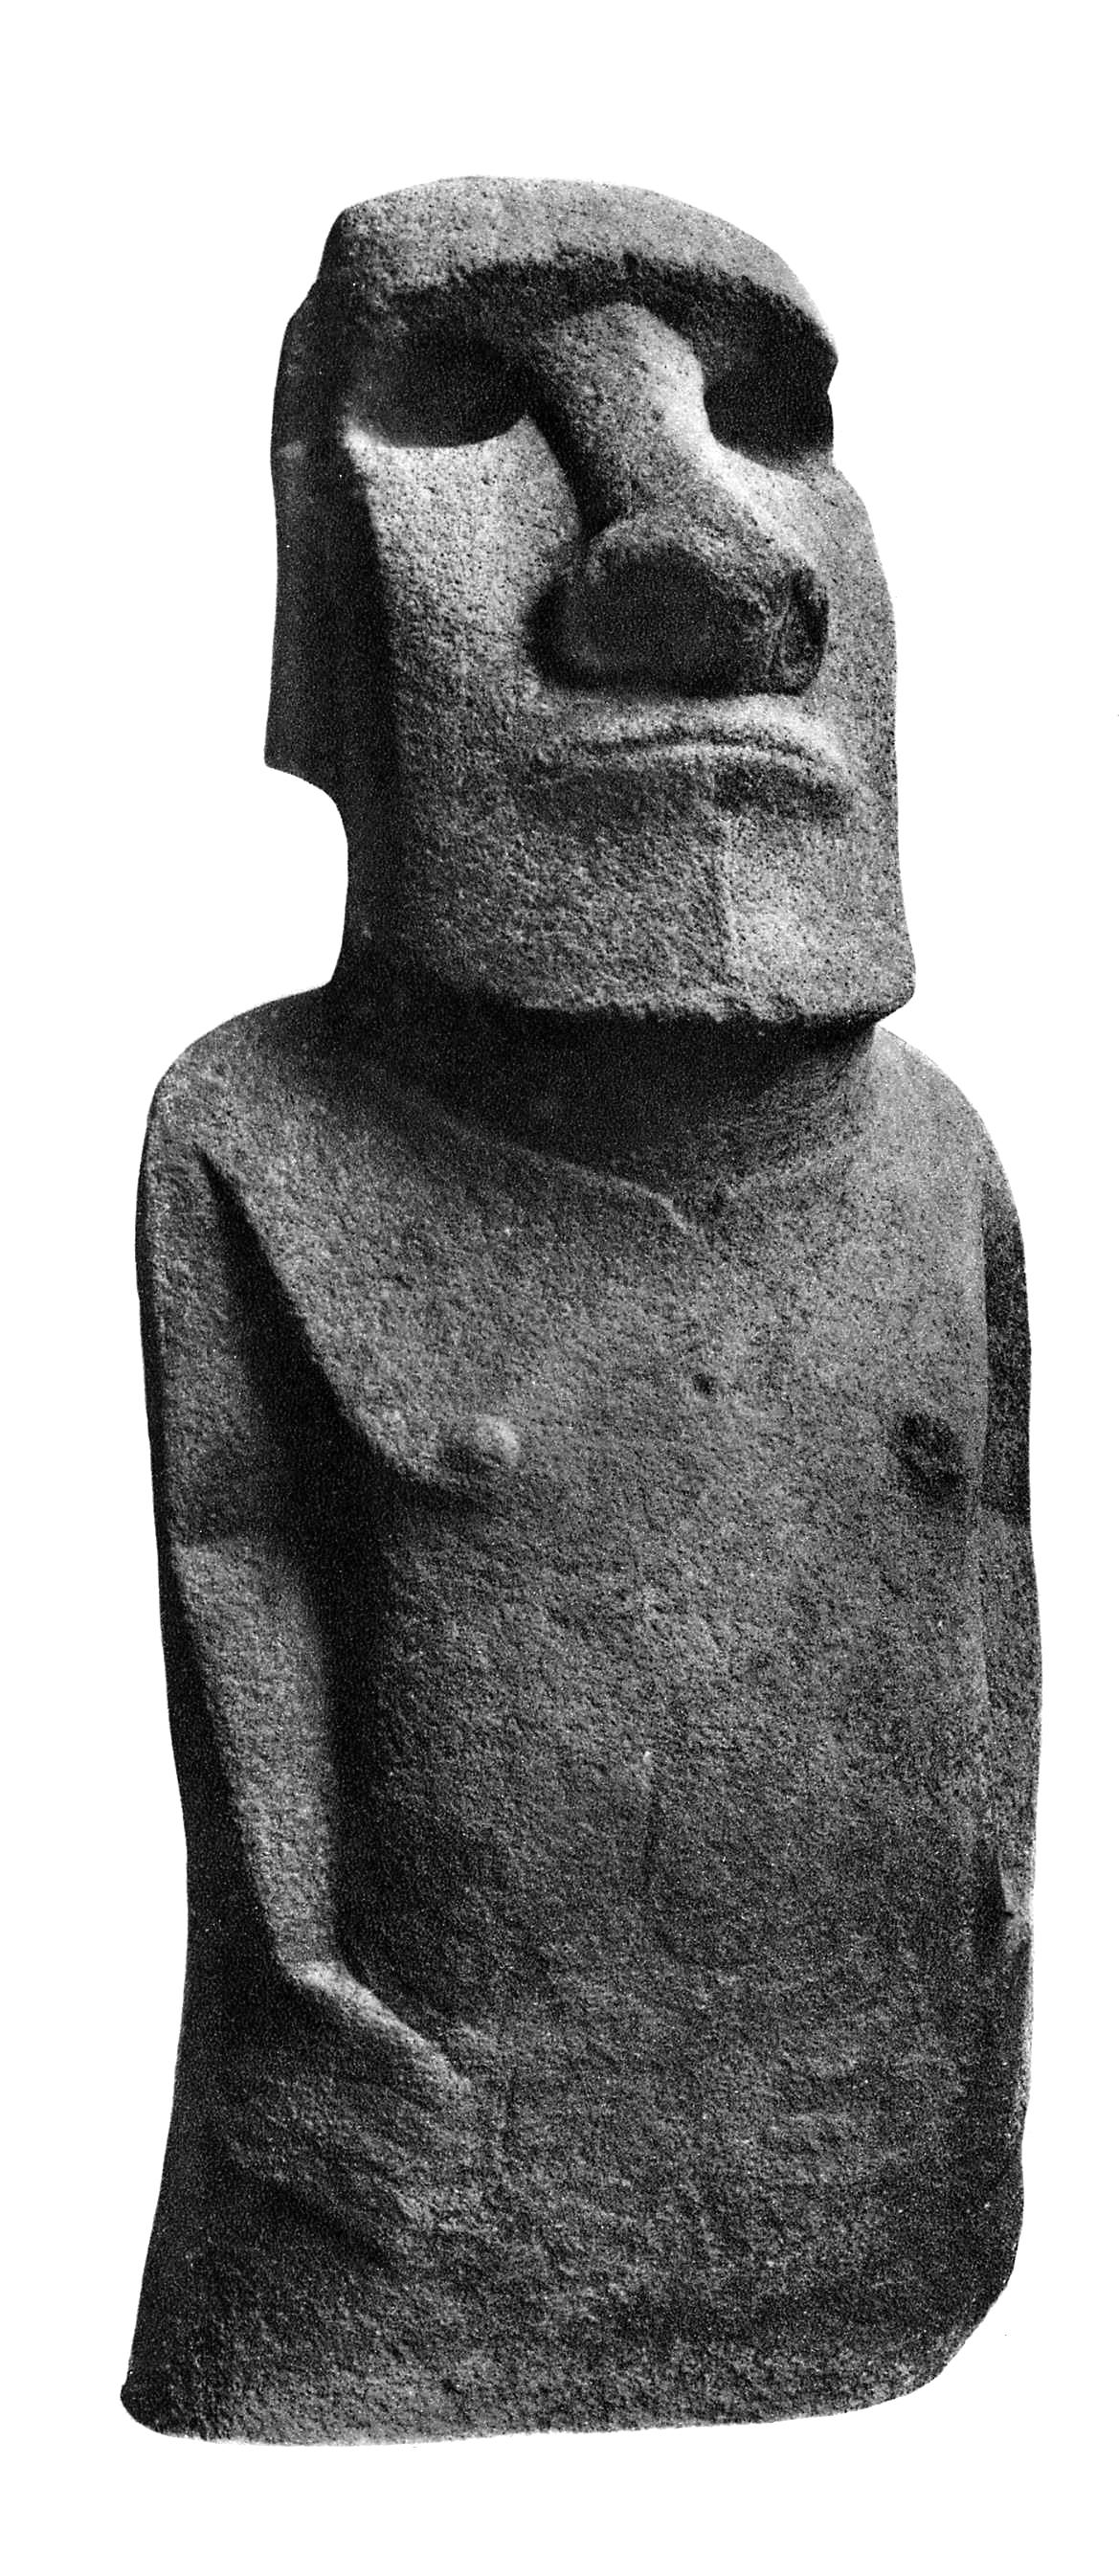 La Briseuse de vagues emmenée d'Orongo en 1868, telle qu'elle se trouve aujourd'hui au British Museum. Reviendra-t-elle un jour à l'île de Pâques ? Retrouvera-t-elle le site d'Orongo d'où elle a été enlevée ? (Photos BM)